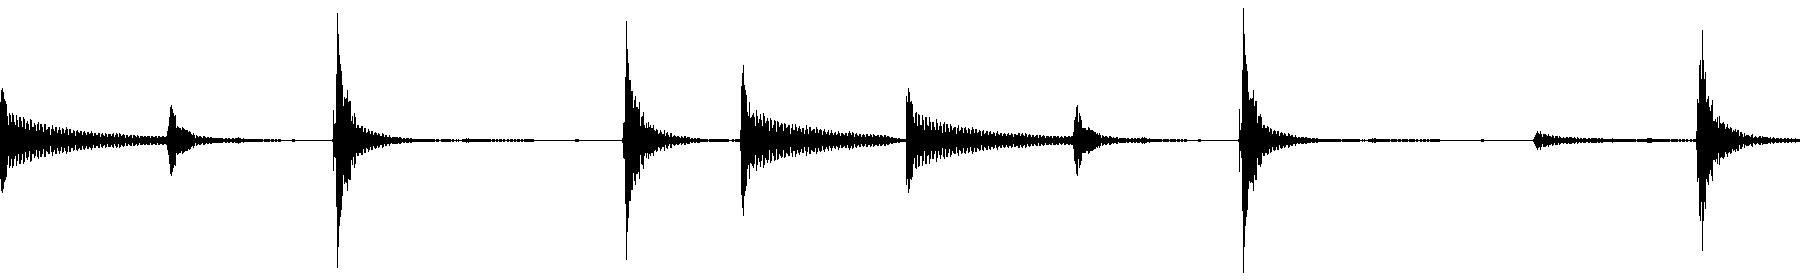 ehp percloop 127 17